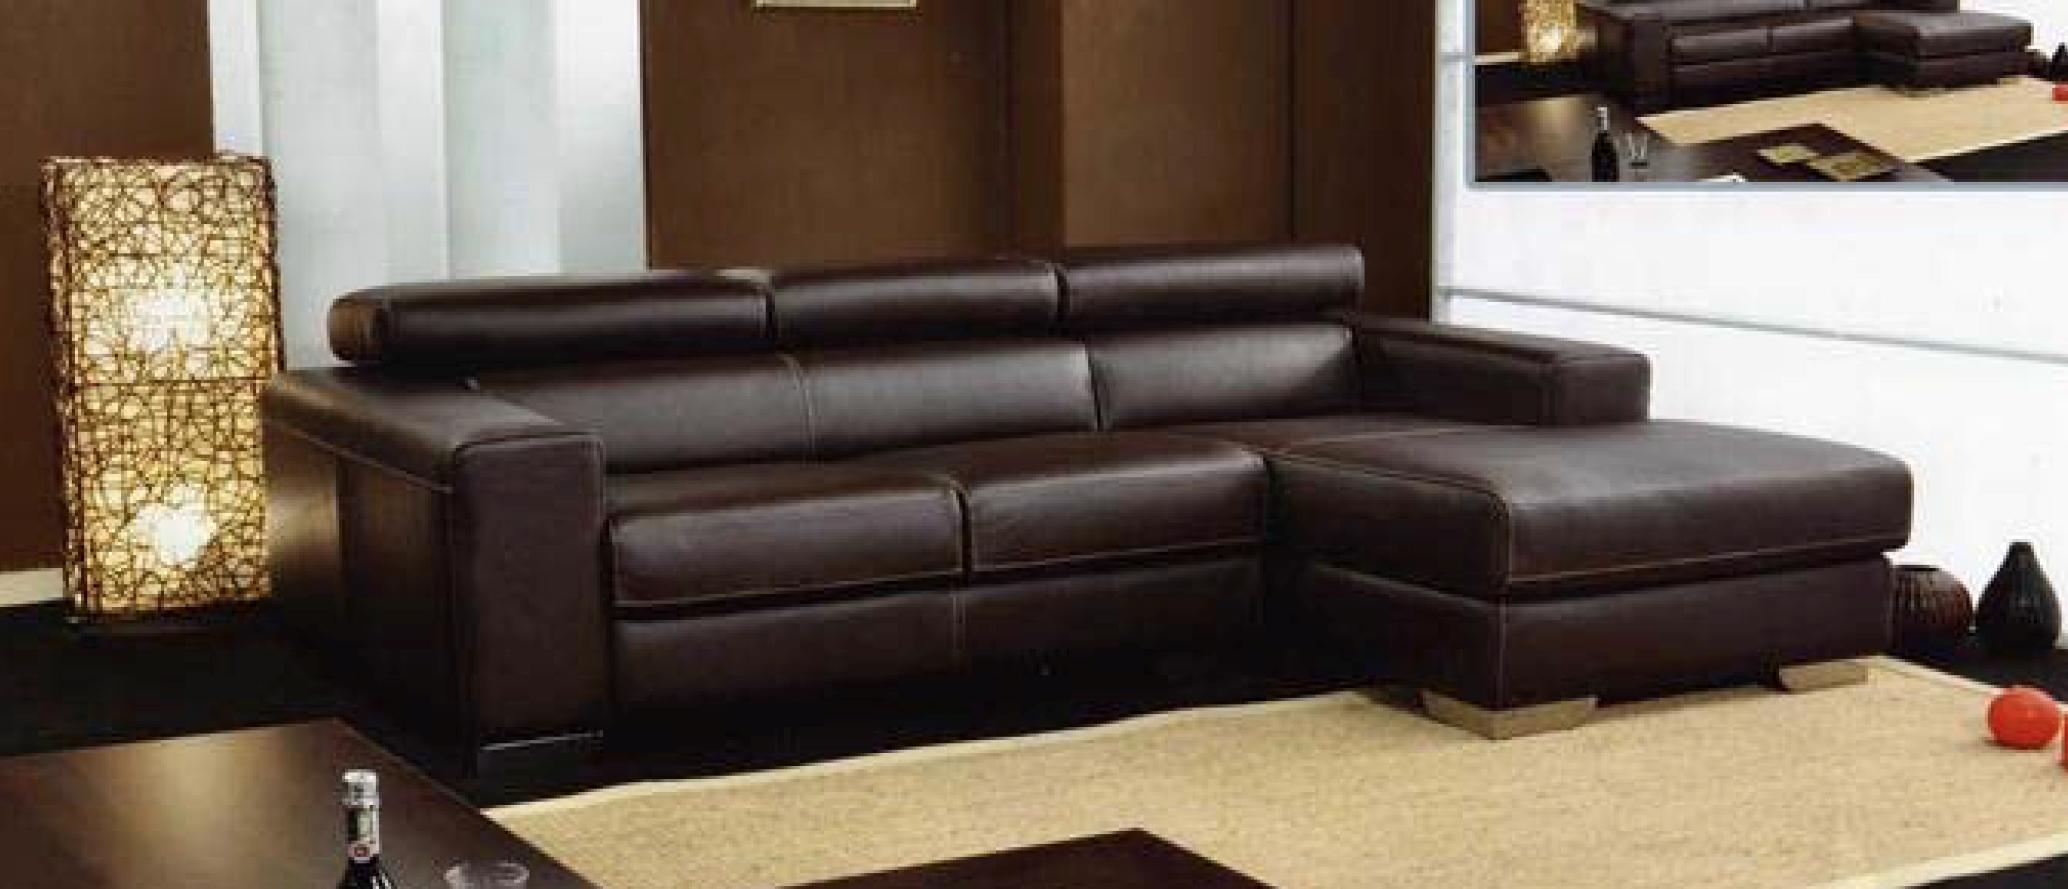 Divano divano box in pelle divani con chaise longue pelle - Divano 4 posti con chaise longue ...